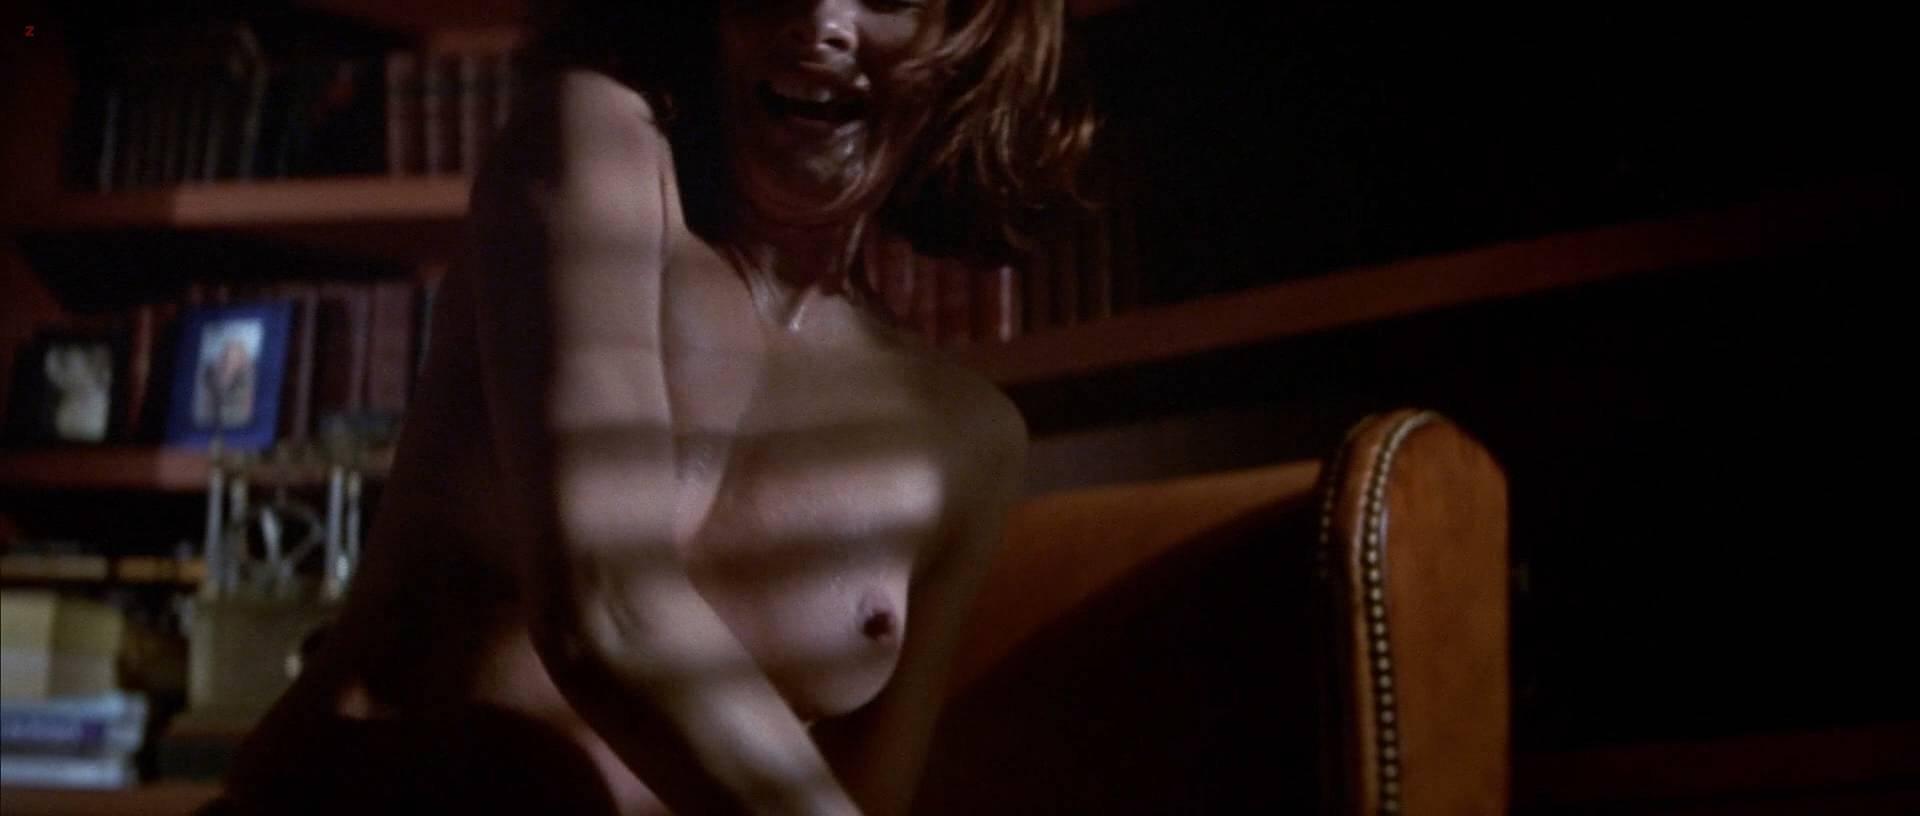 xxxsherlyn chopra hot nude photos